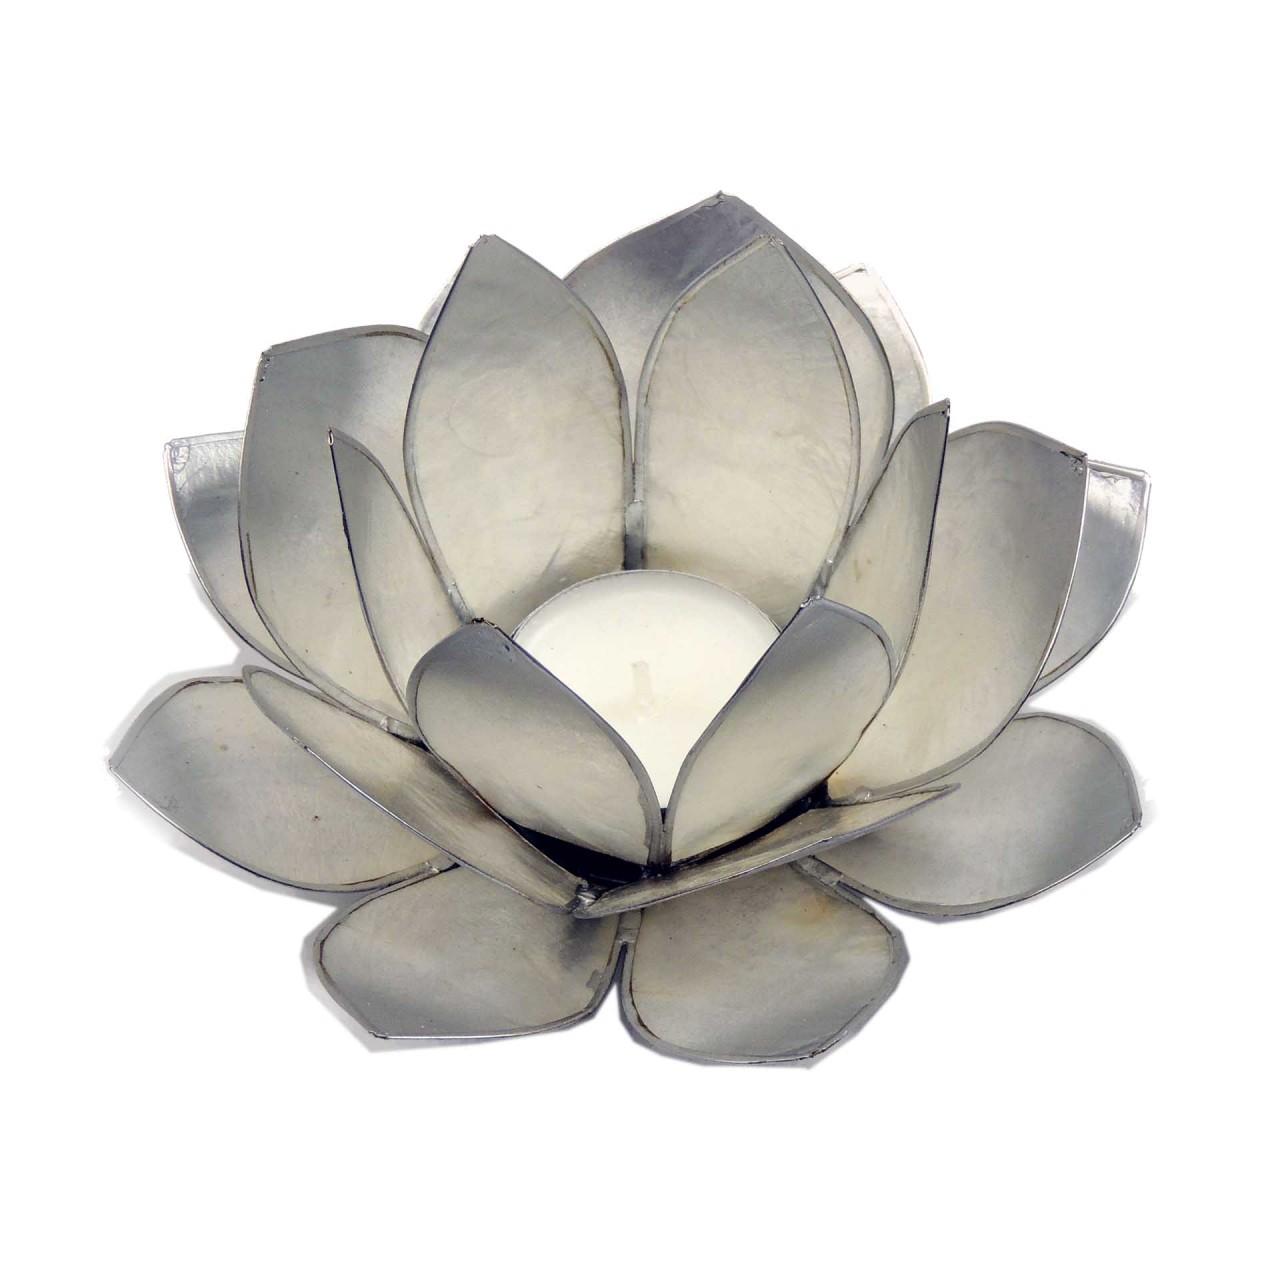 Windlicht Lotus silberfarben - Capiz Muscheln - 13 x 5,5 cm - Handwerk